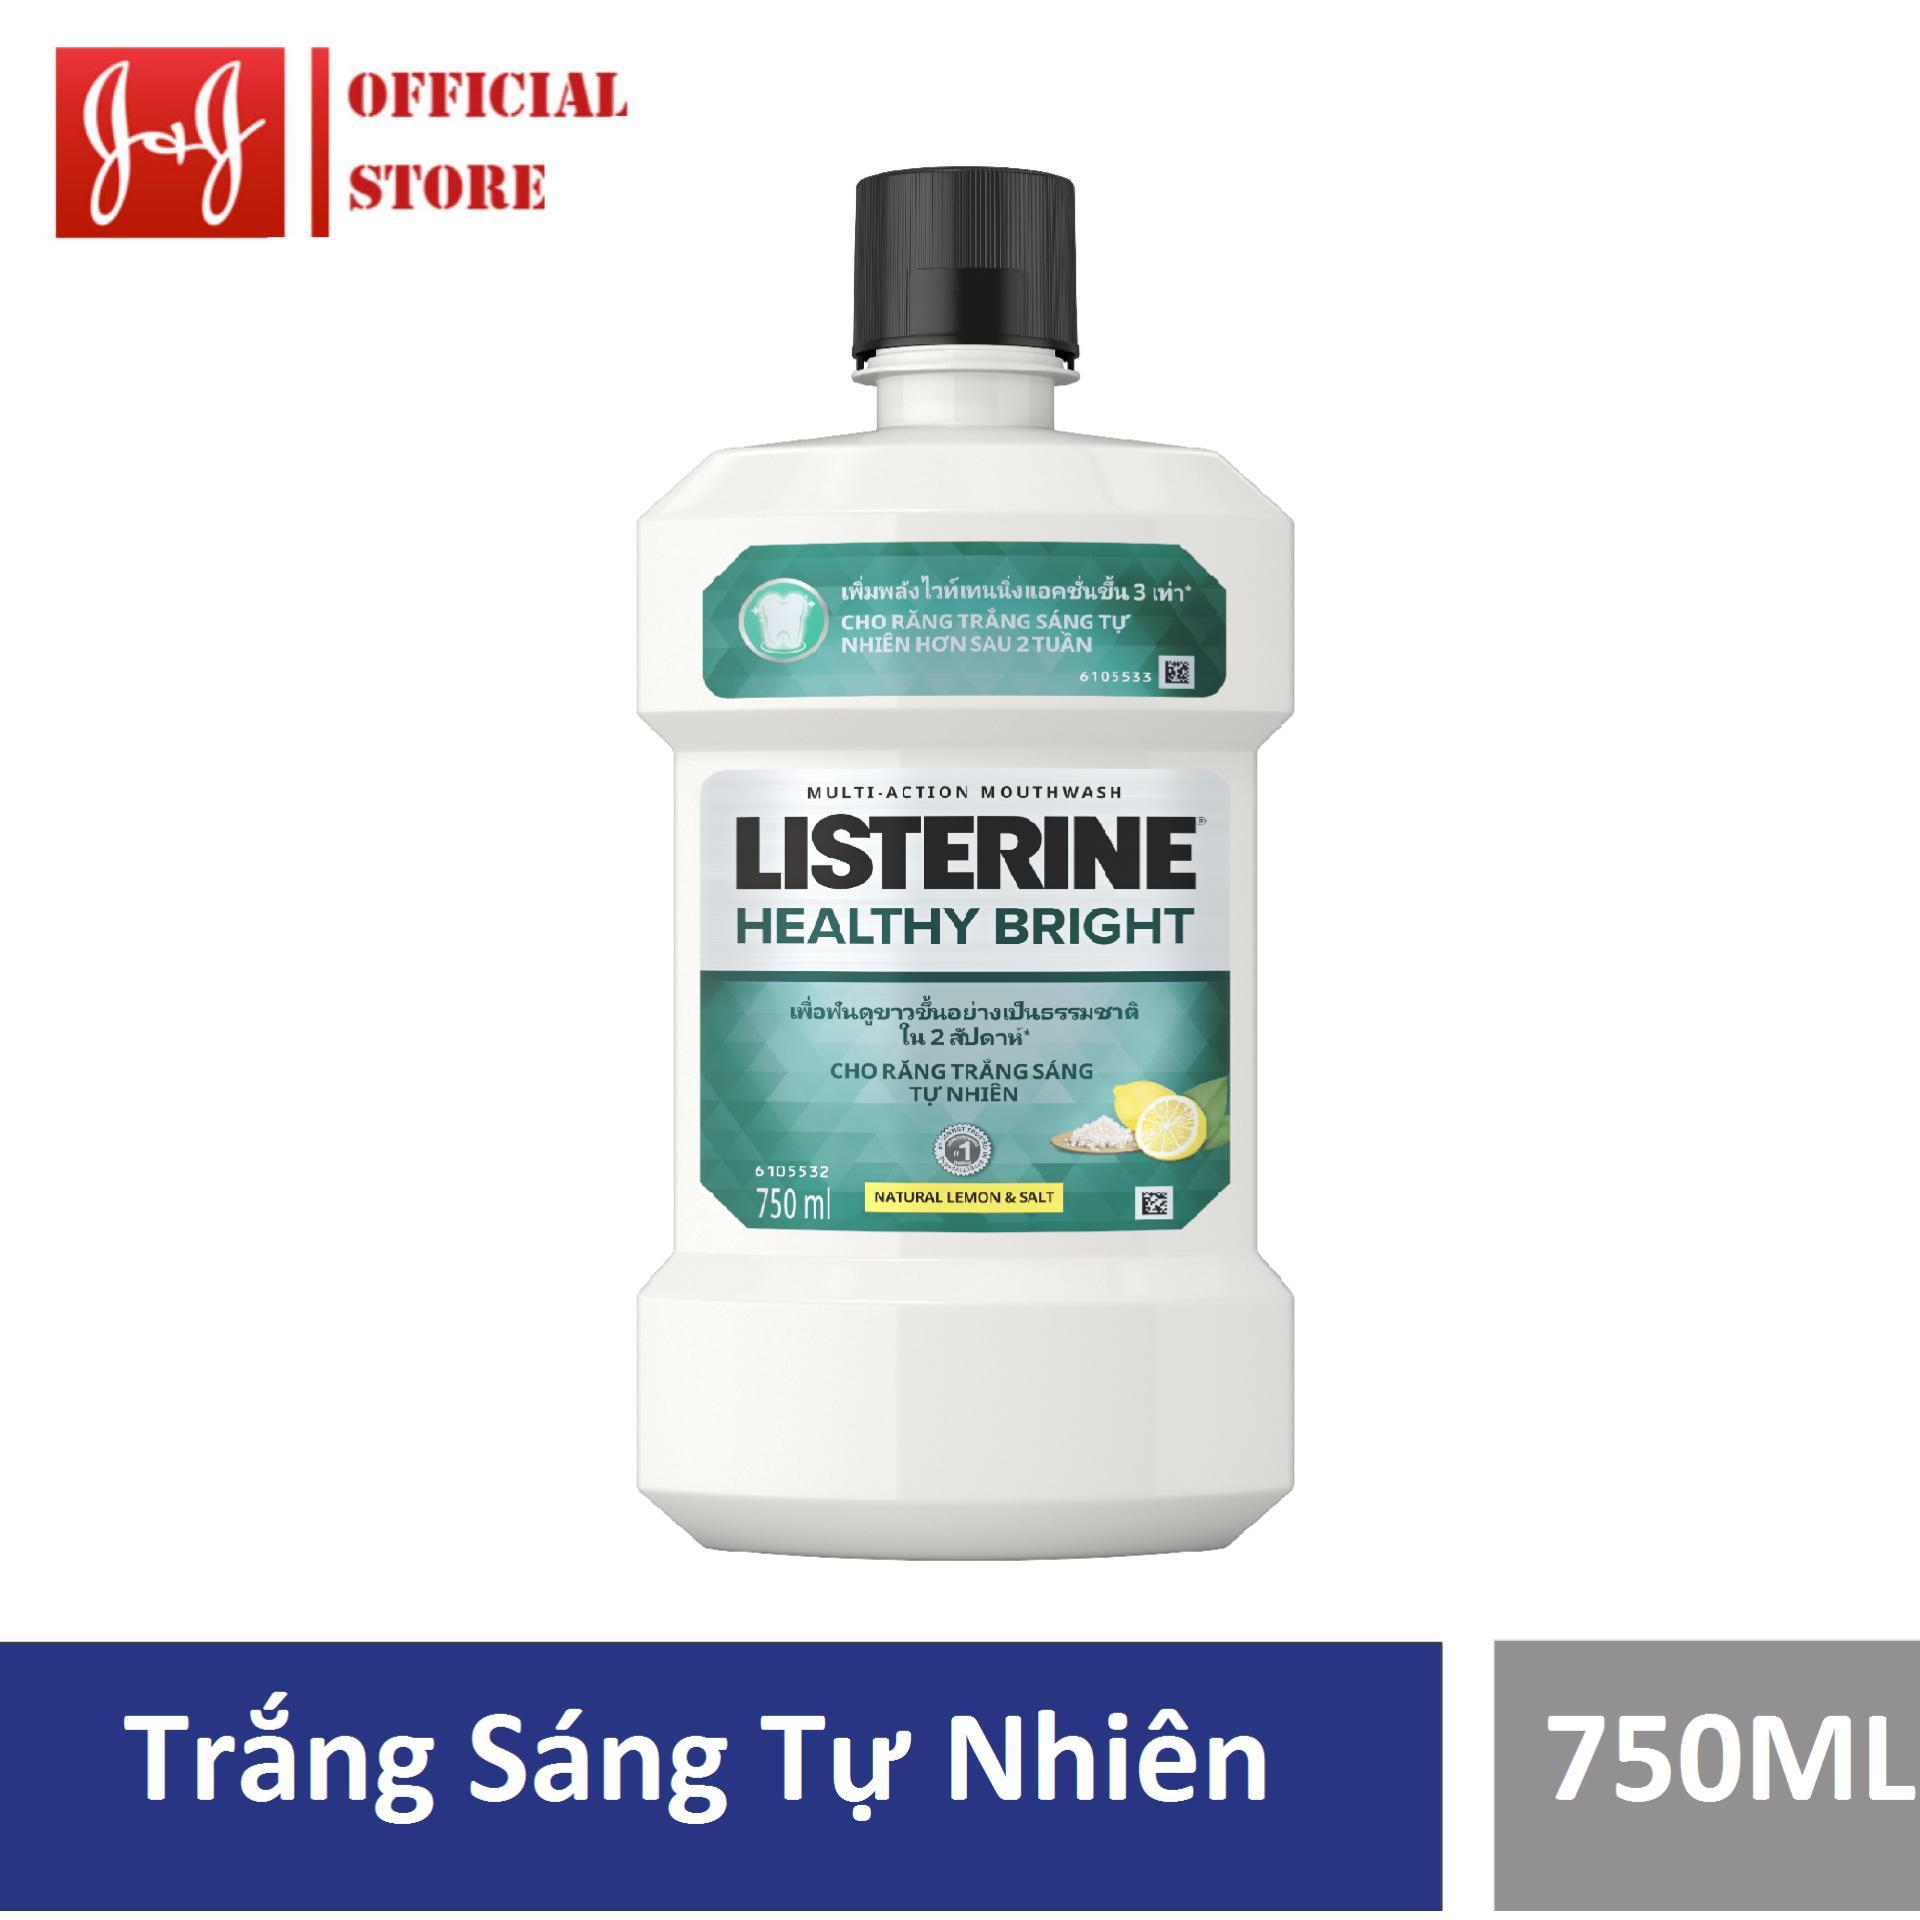 Nước súc miệng Listerine giúp răng trắng sáng Healthy bright 750ml - 100945468 nhập khẩu